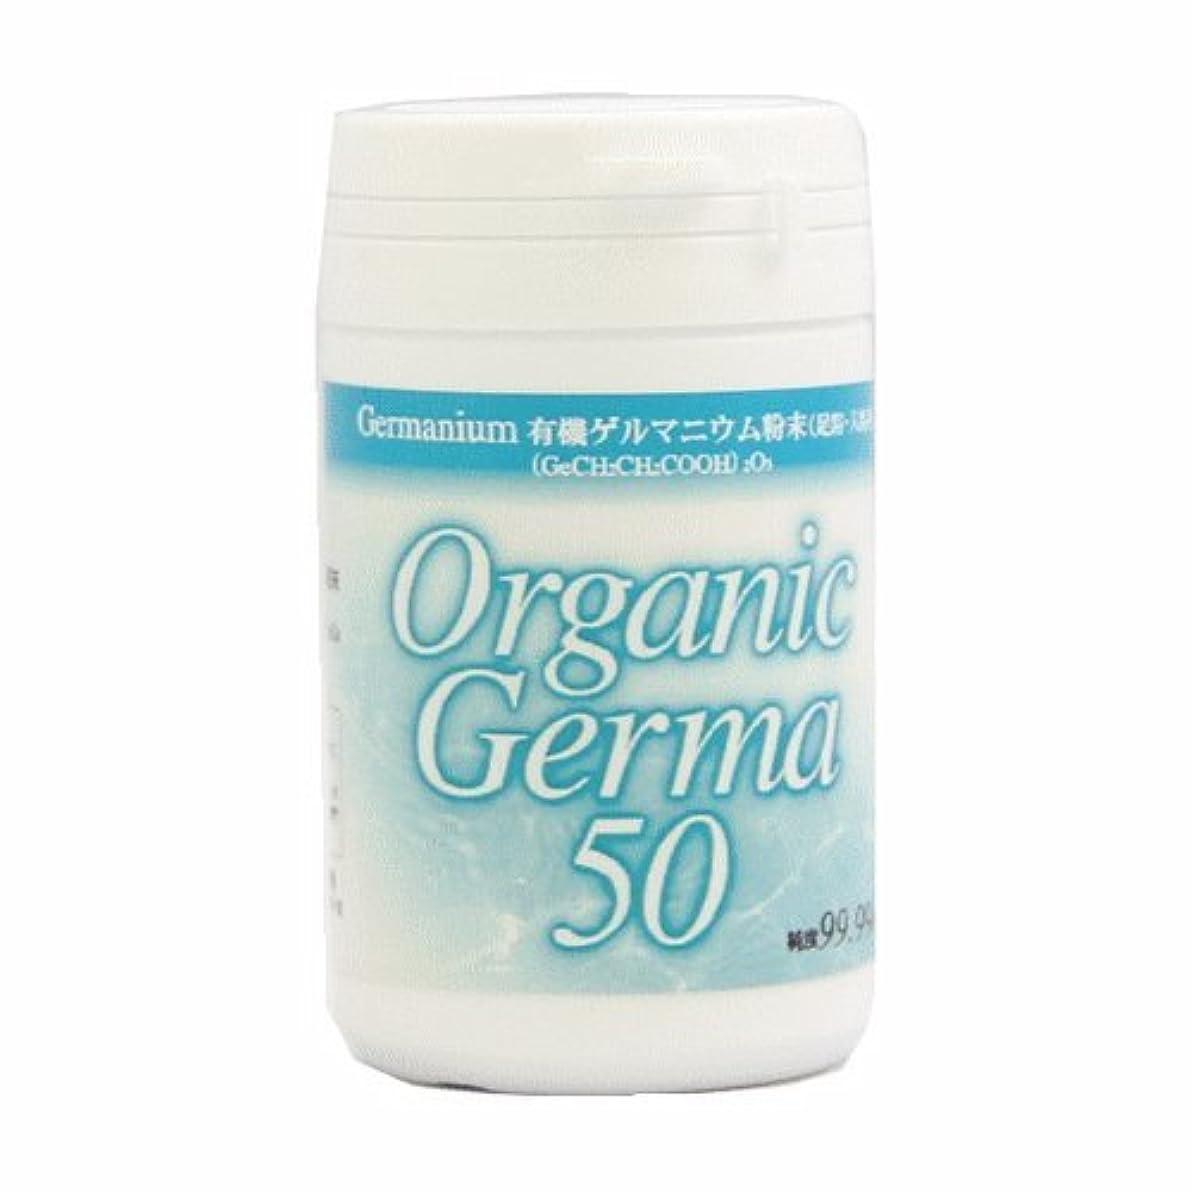 必要としている鷲悔い改め【有機 ゲルマニウム 粉末 50g (Ge-132) 99.99% 温浴用】 ゲルマ パウダー